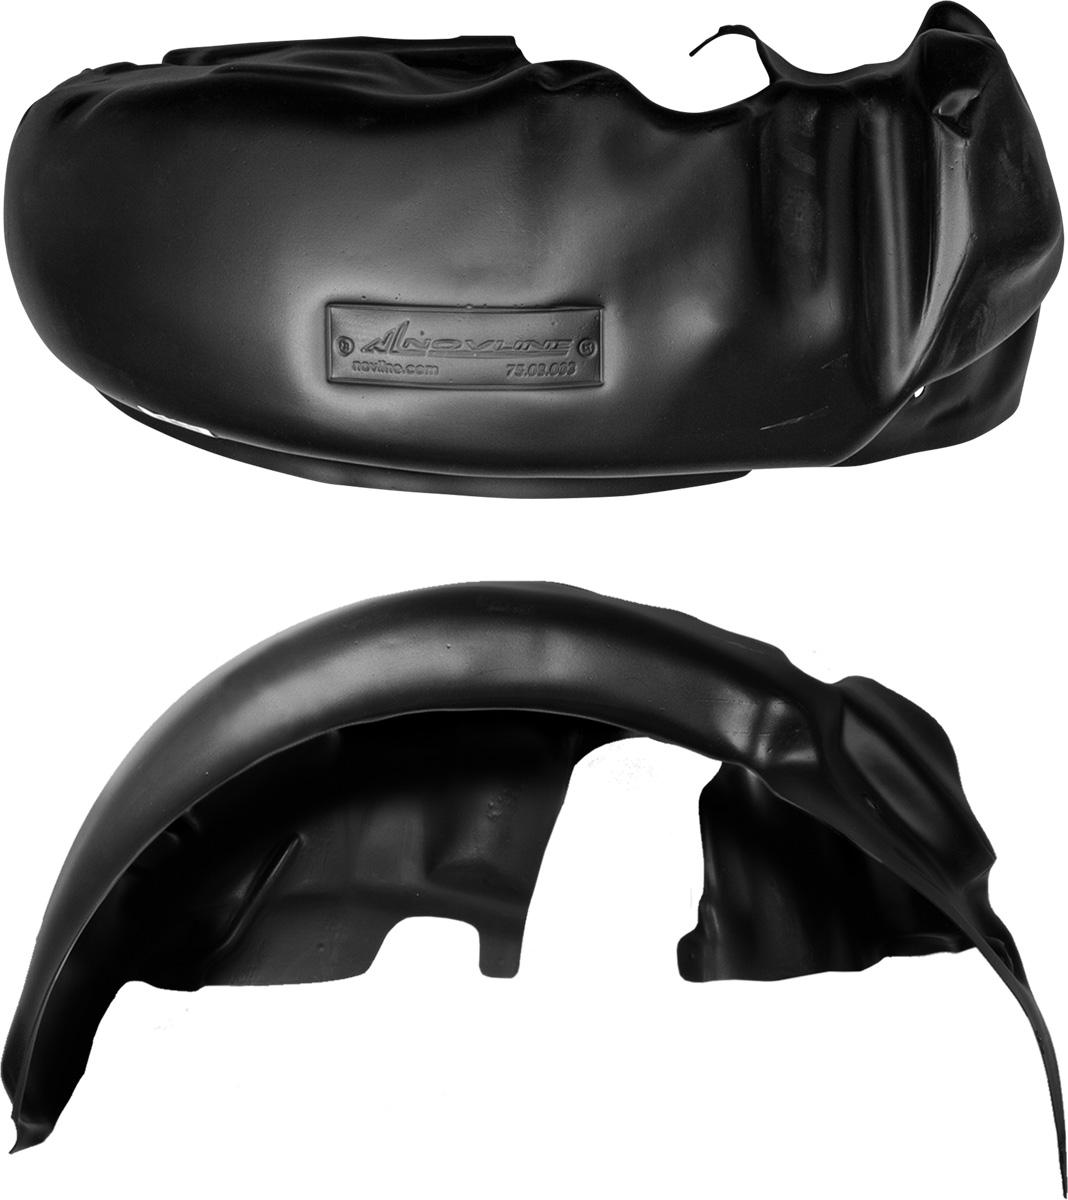 Подкрылок Novline-Autofamily, для Renault Sandero, 2010-07/2013, задний правыйNLL.41.18.004Колесные ниши - одни из самых уязвимых зон днища вашего автомобиля. Они постоянно подвергаются воздействию со стороны дороги. Лучшая, почти абсолютная защита для них - специально отформованные пластиковые кожухи, которые называются подкрылками. Производятся они как для отечественных моделей автомобилей, так и для иномарок. Подкрылки Novline-Autofamily выполнены из высококачественного, экологически чистого пластика. Обеспечивают надежную защиту кузова автомобиля от пескоструйного эффекта и негативного влияния, агрессивных антигололедных реагентов. Пластик обладает более низкой теплопроводностью, чем металл, поэтому в зимний период эксплуатации использование пластиковых подкрылков позволяет лучше защитить колесные ниши от налипания снега и образования наледи. Оригинальность конструкции подчеркивает элегантность автомобиля, бережно защищает нанесенное на днище кузова антикоррозийное покрытие и позволяет осуществить крепление подкрылков внутри колесной арки практически без...